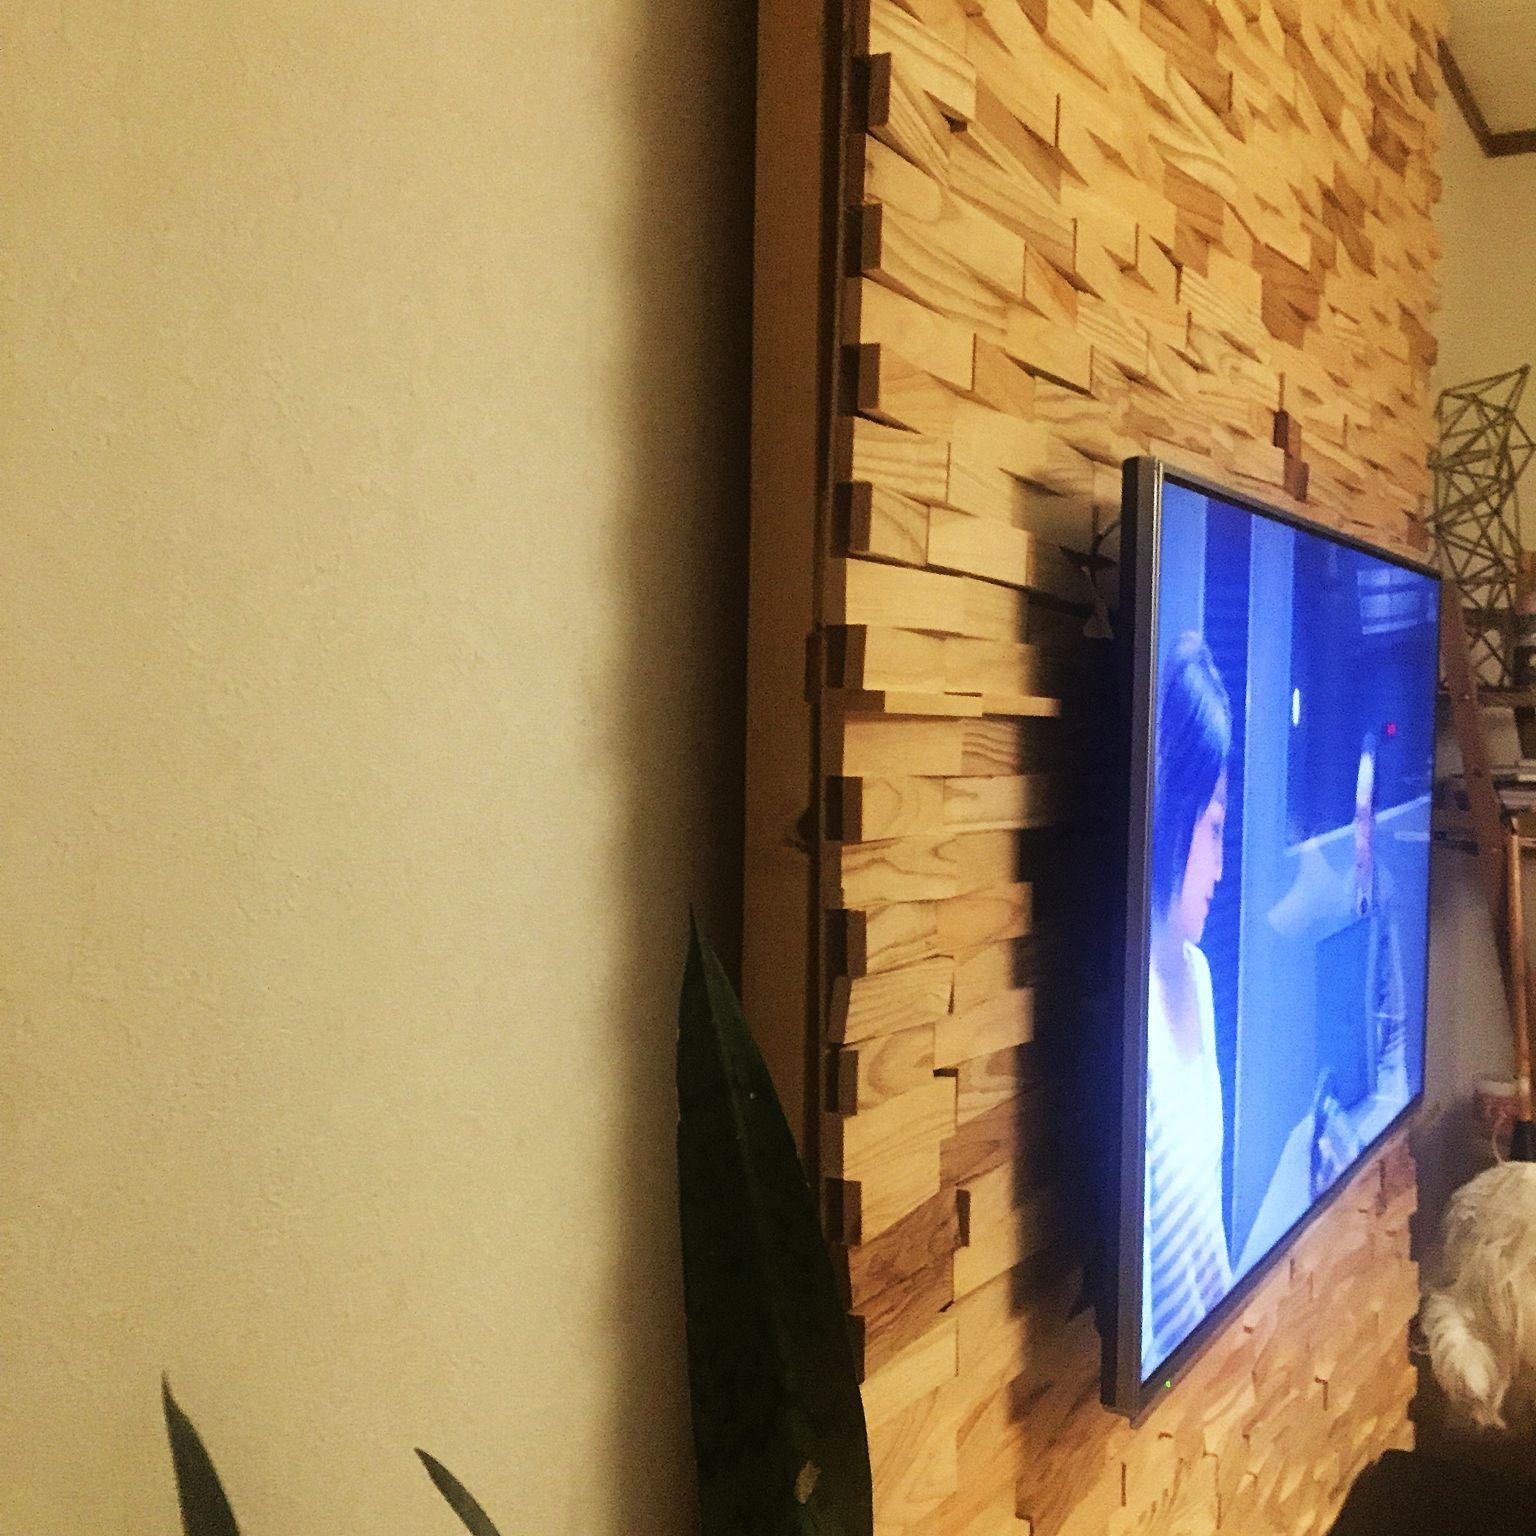 ディアウォールで壁をつくる 壁掛けテレビ 配線隠し Diy ディアウォール On Walls などのインテリア実例 2015 11 29 00 52 17 壁掛けテレビ 配線 壁掛けテレビ ディアウォール